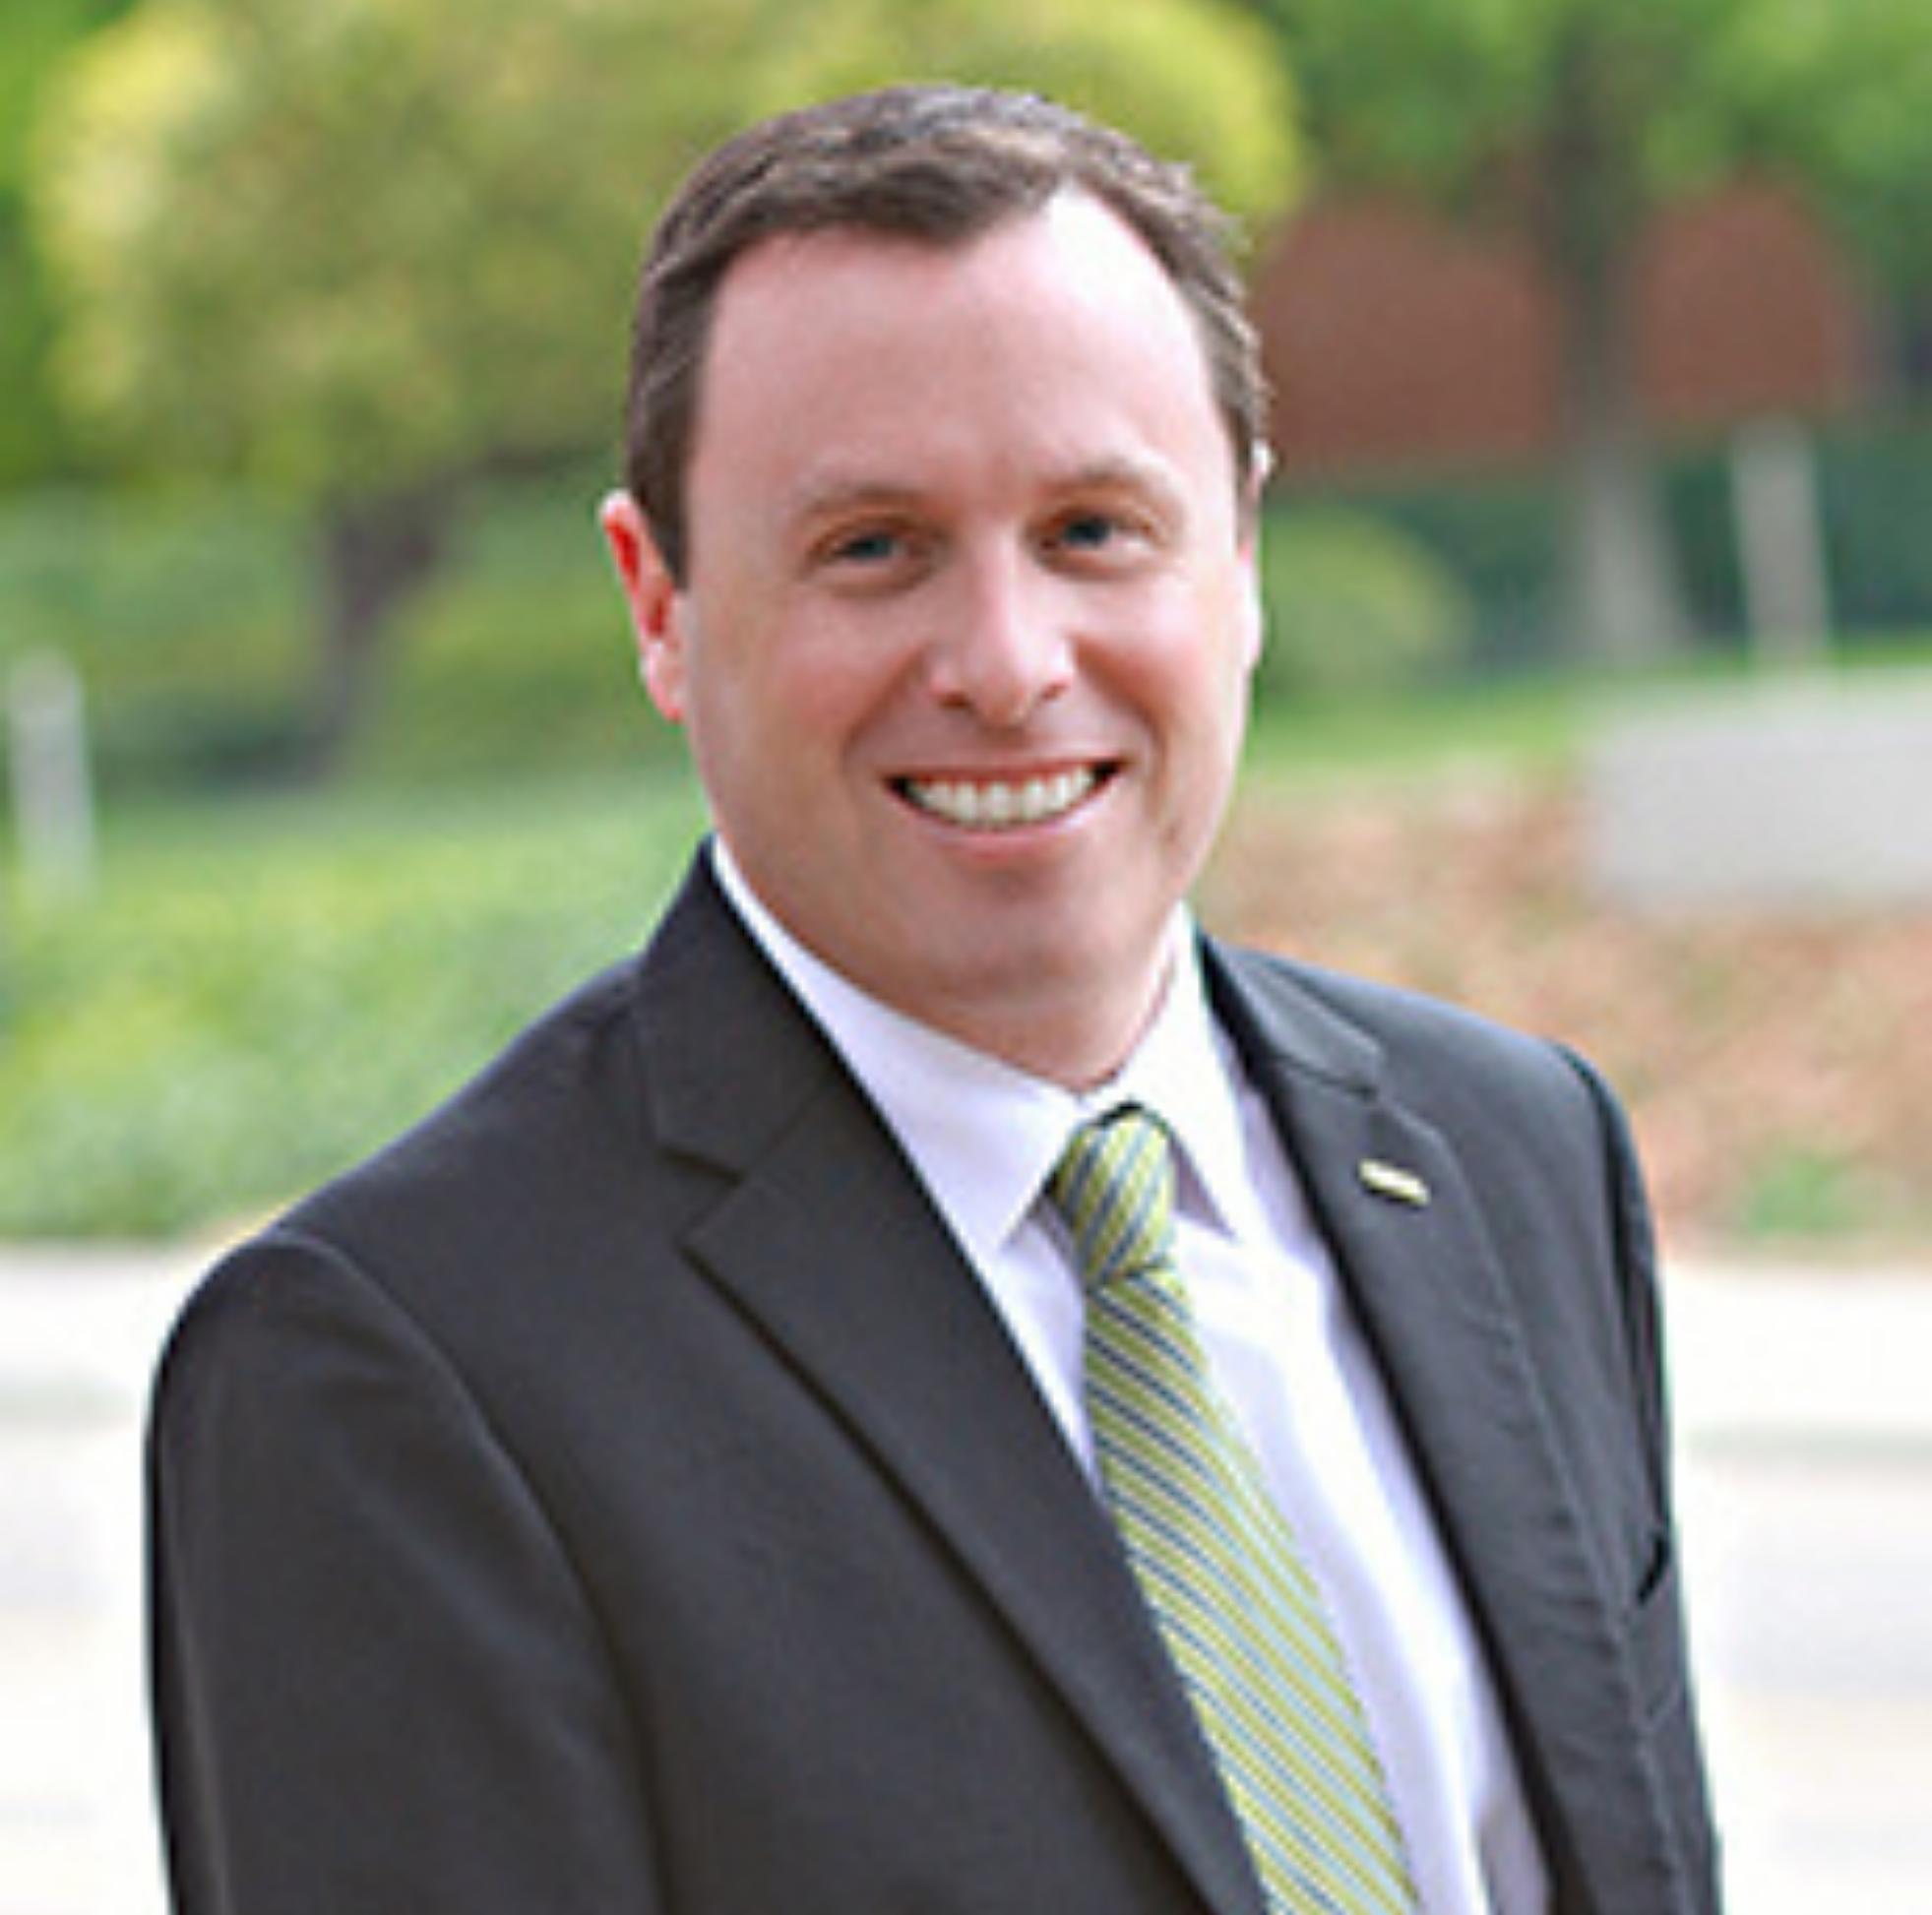 Dr. Keith Humphrey